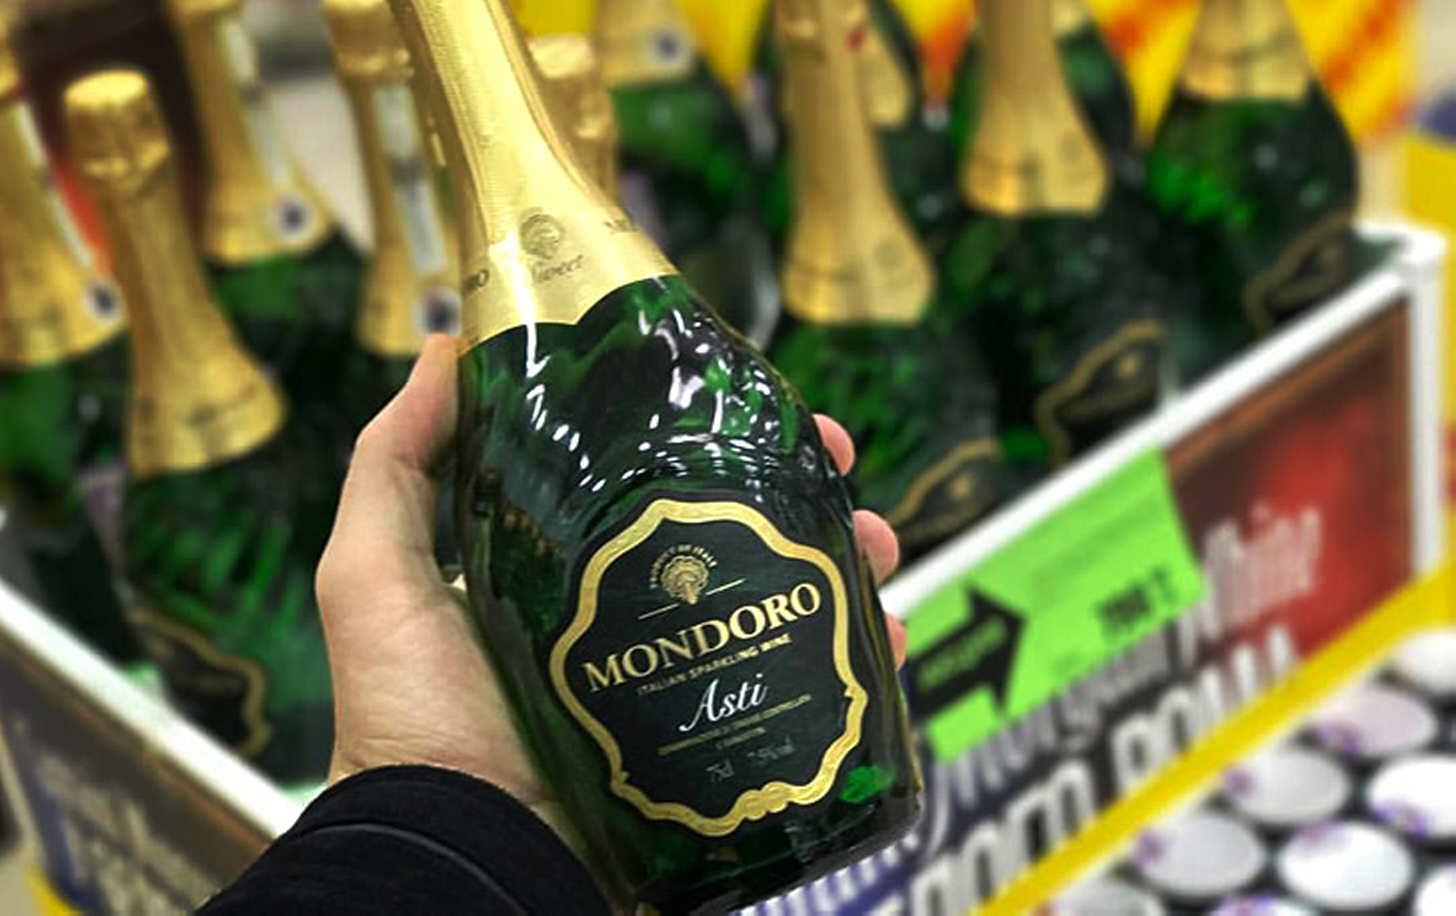 Шампанское мондоро: обзор вкуса и видов + как отличить подделку